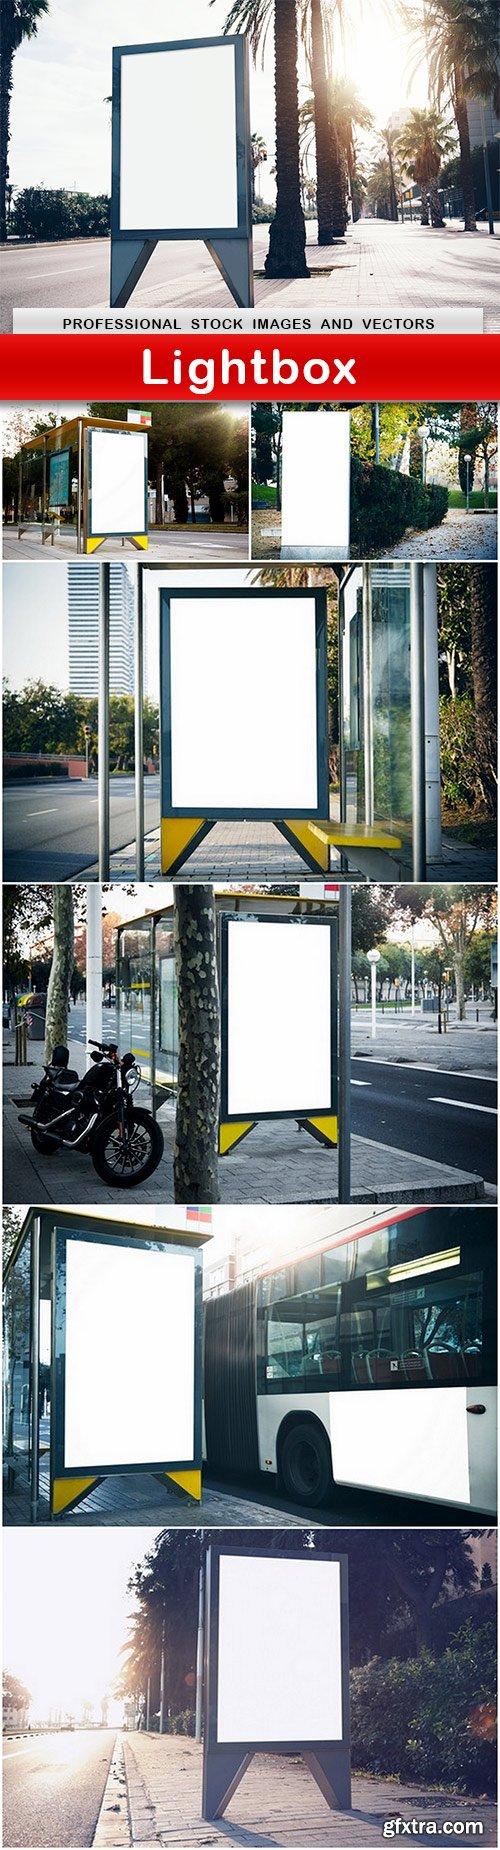 Lightbox - 7 UHQ JPEG